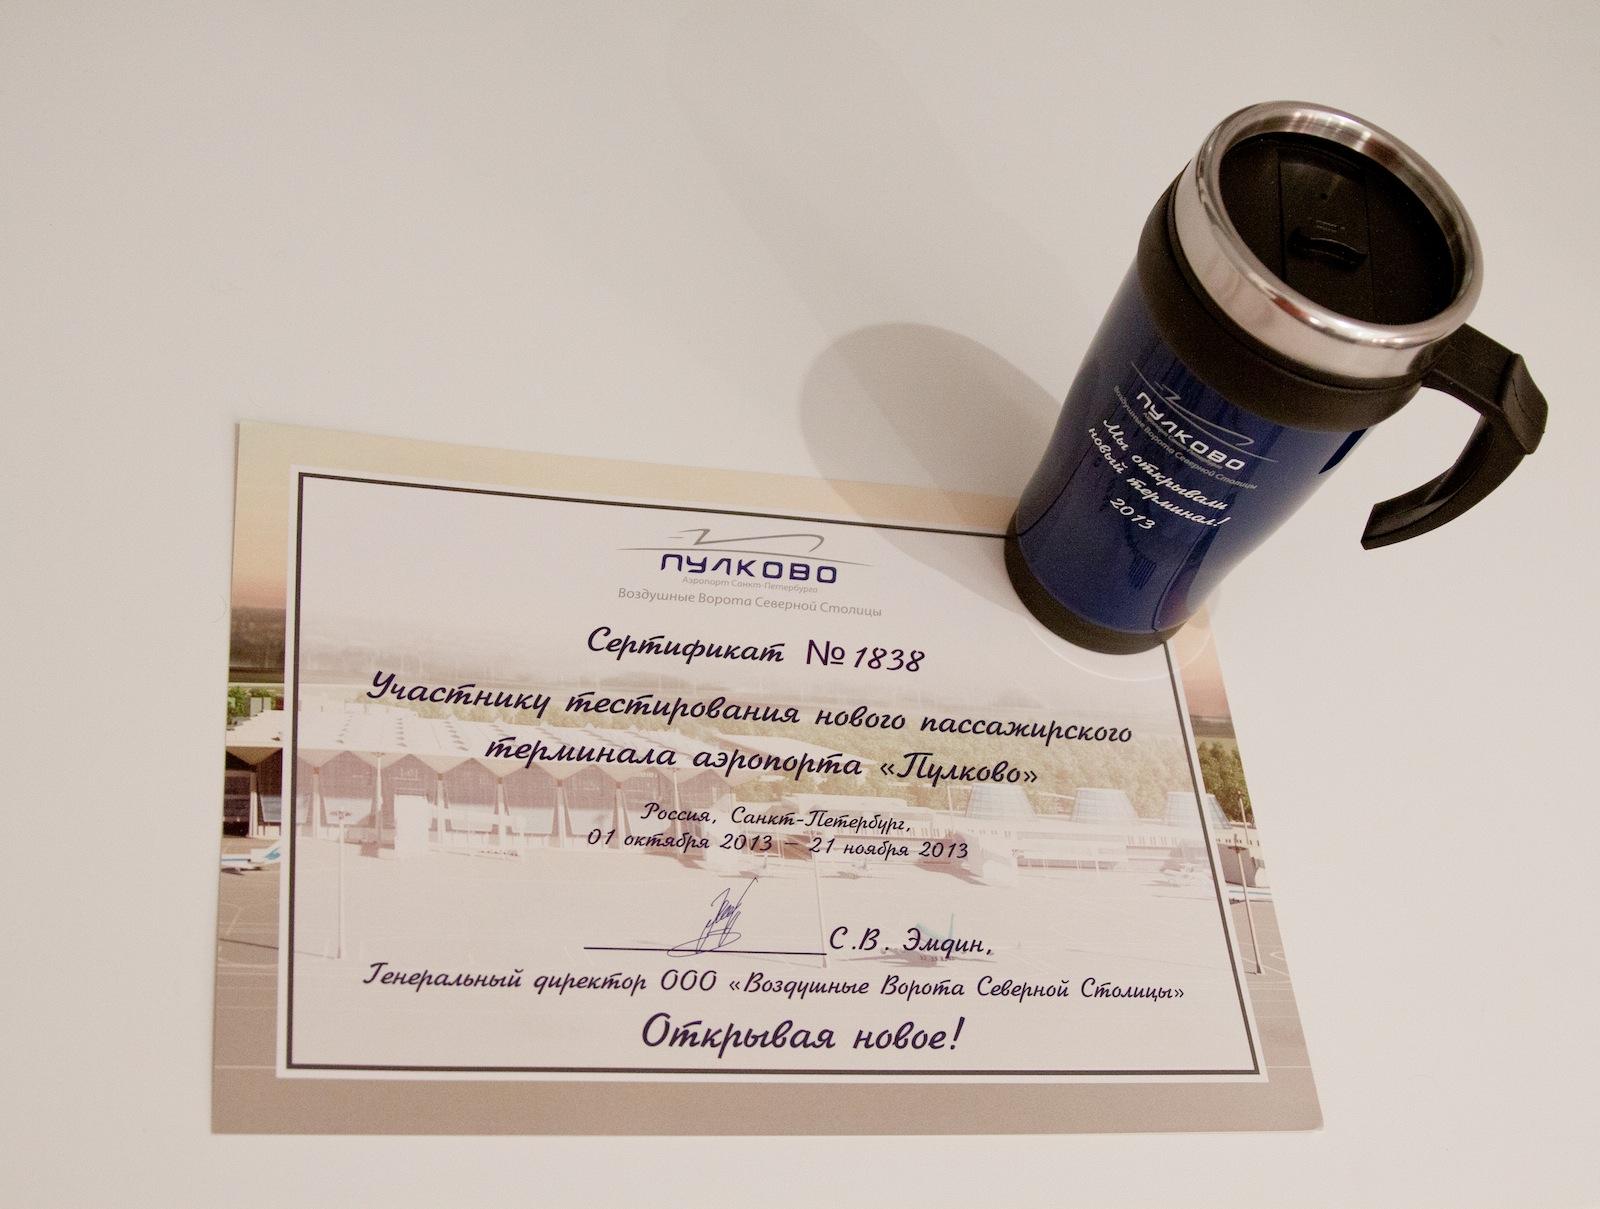 Сертификат и термокружка в подарок